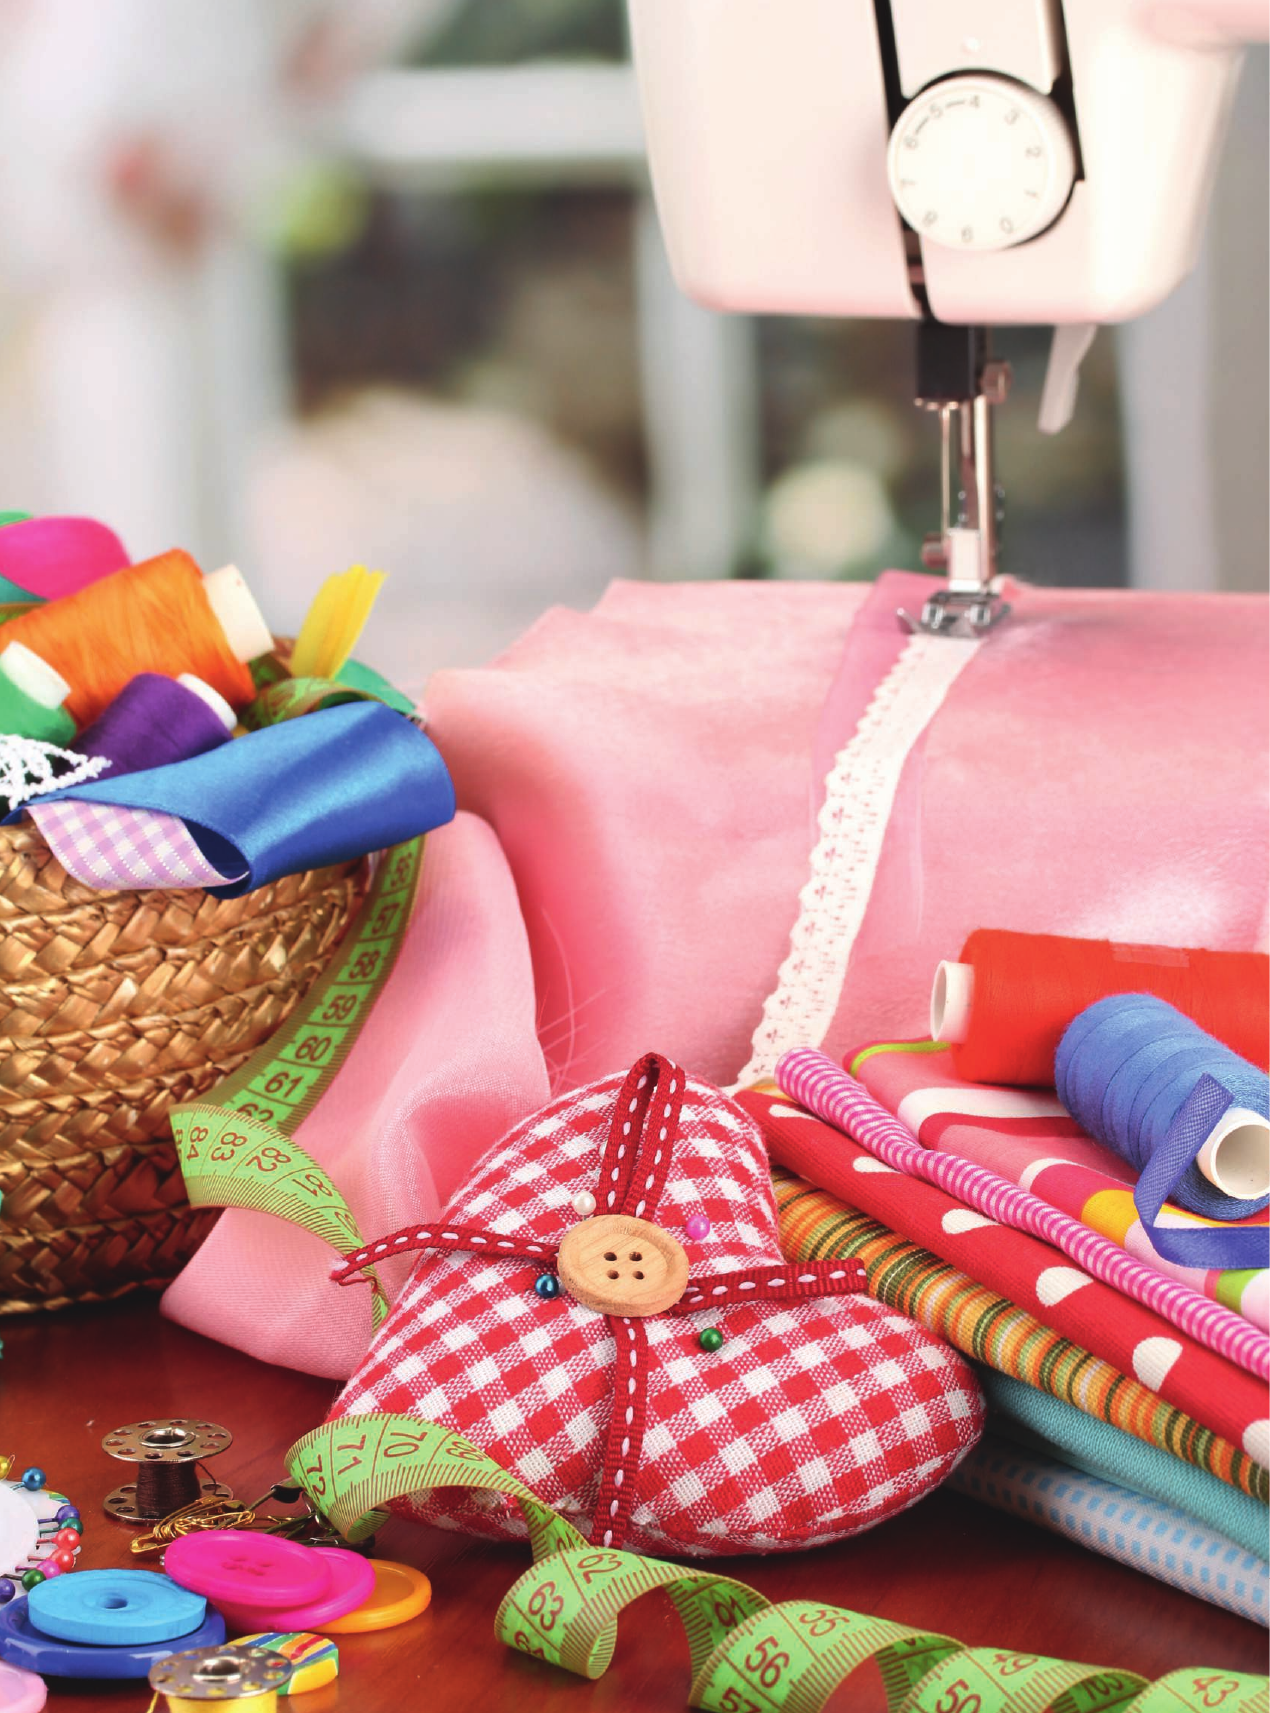 картинки со швейной тематикой счастлив поделиться тем